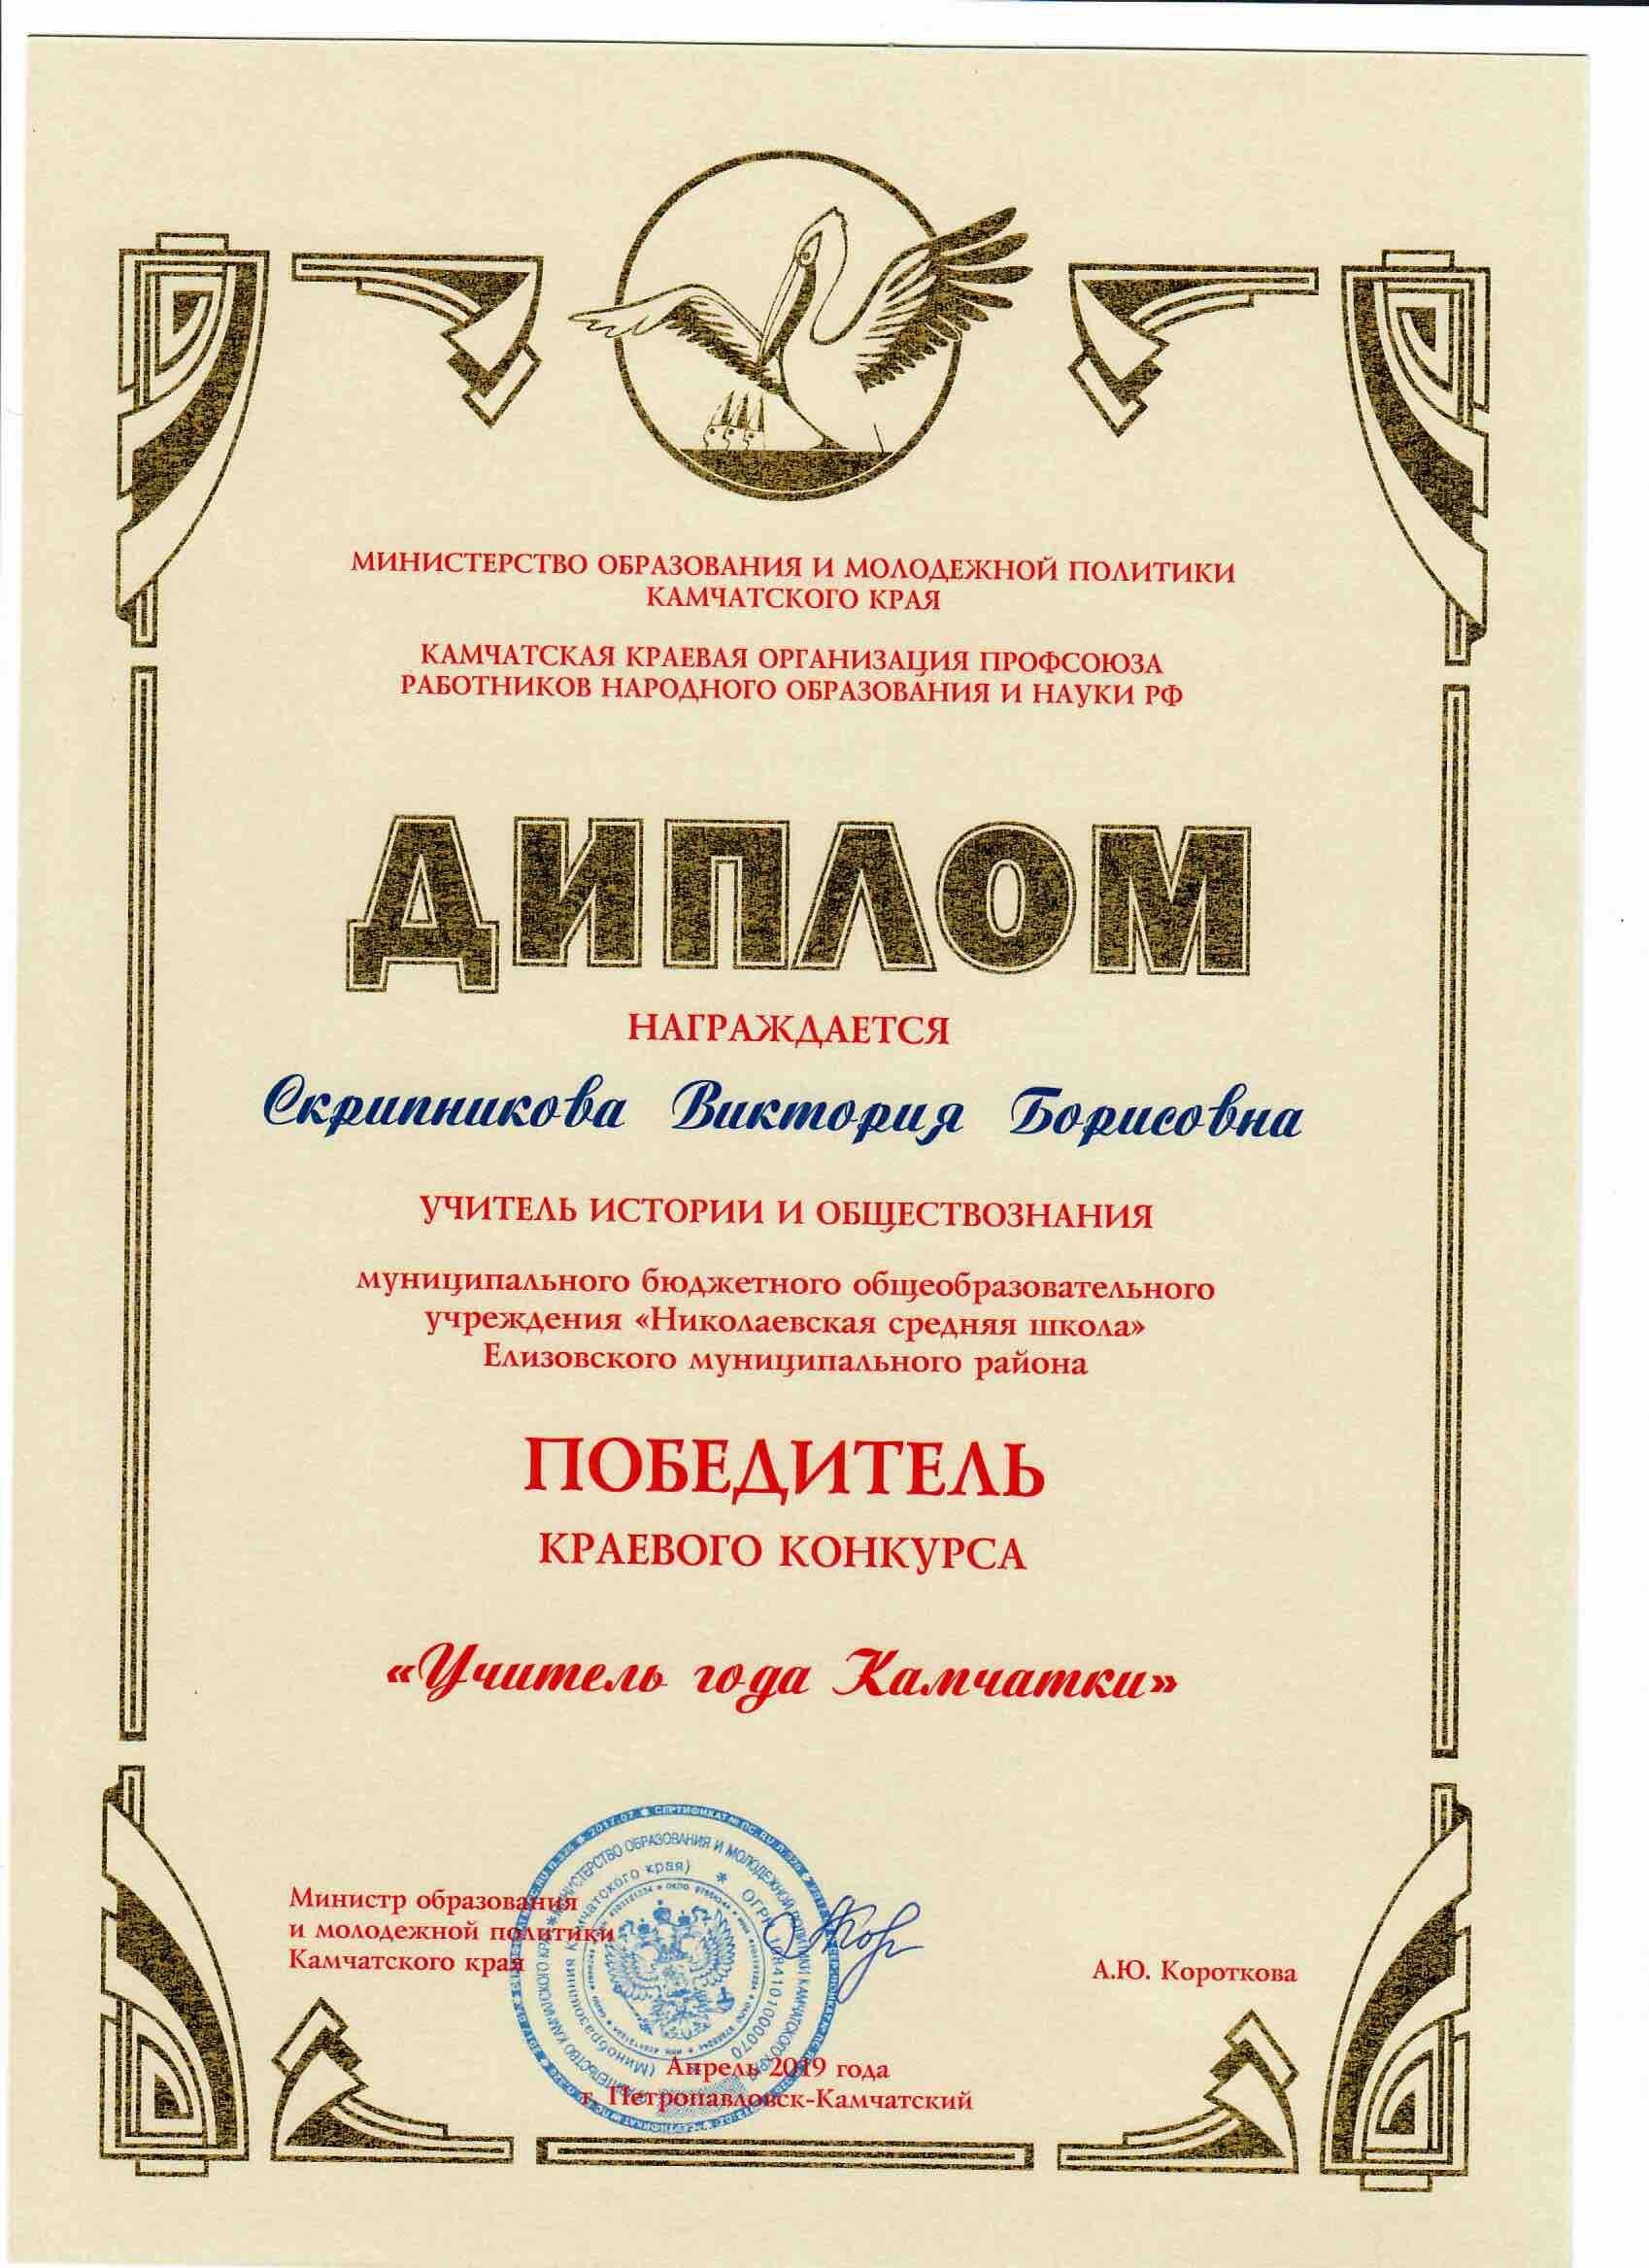 Диплом Скрипникова